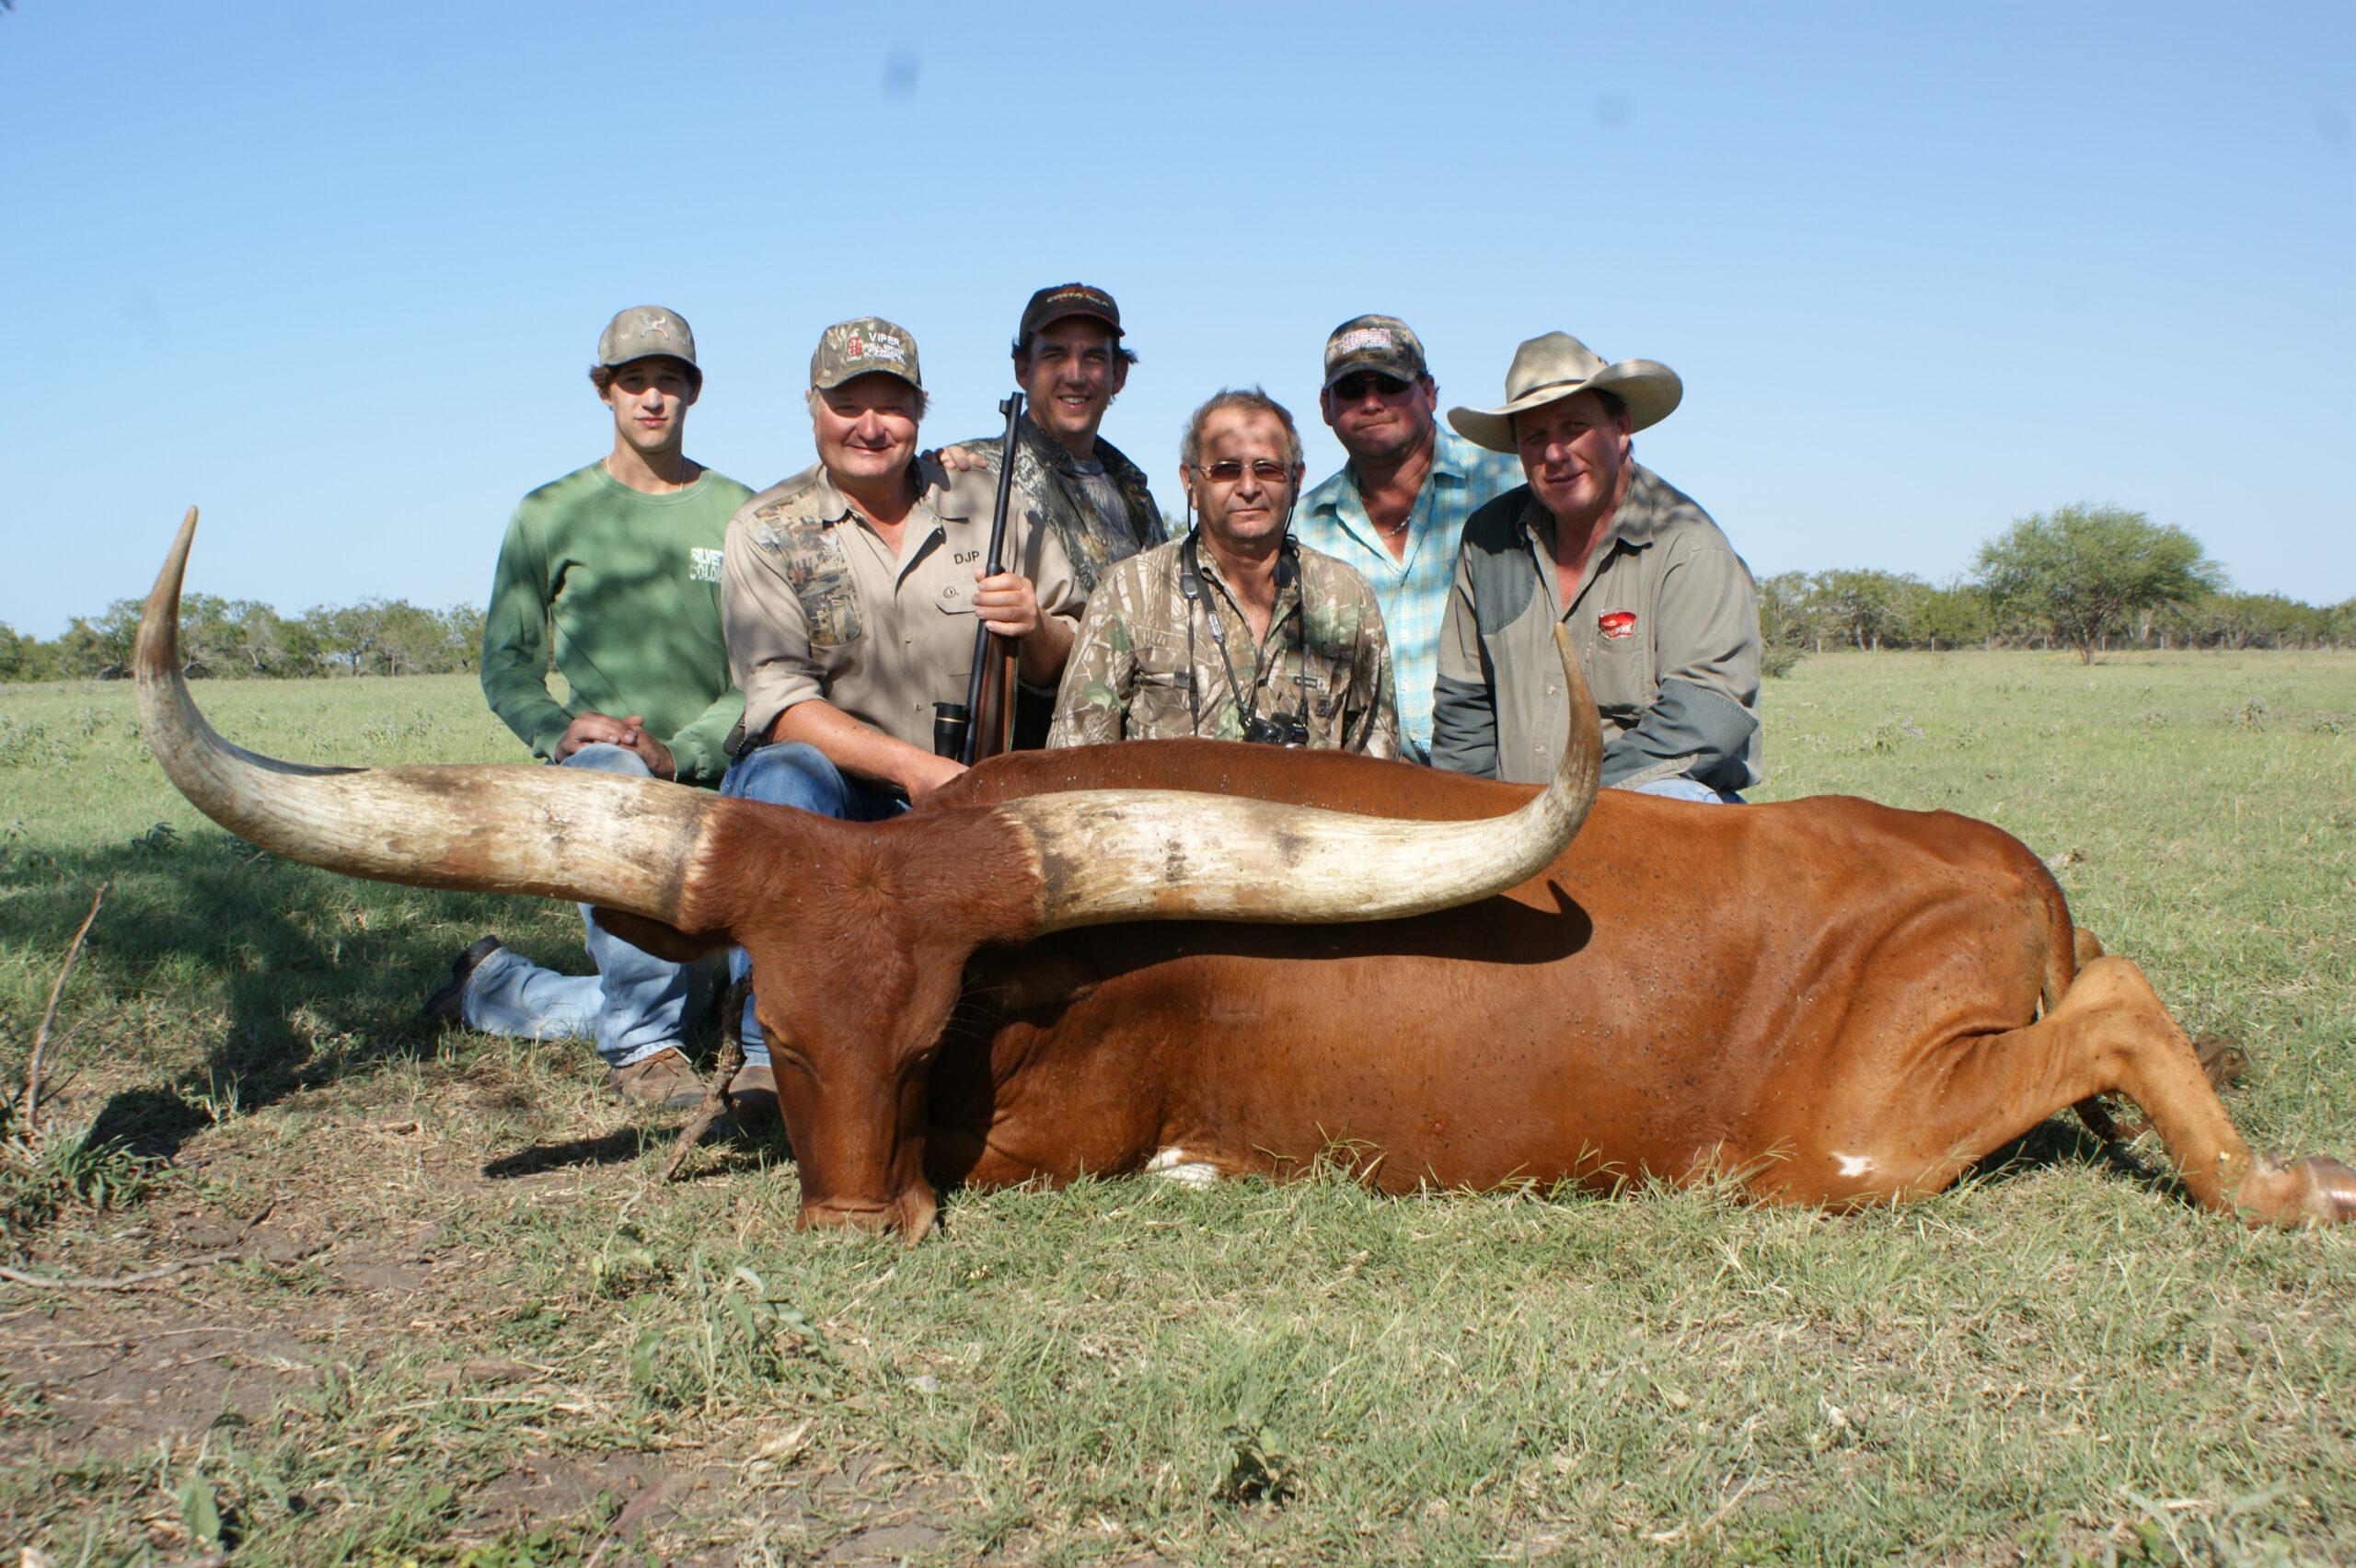 Watusi Hunting in Texas